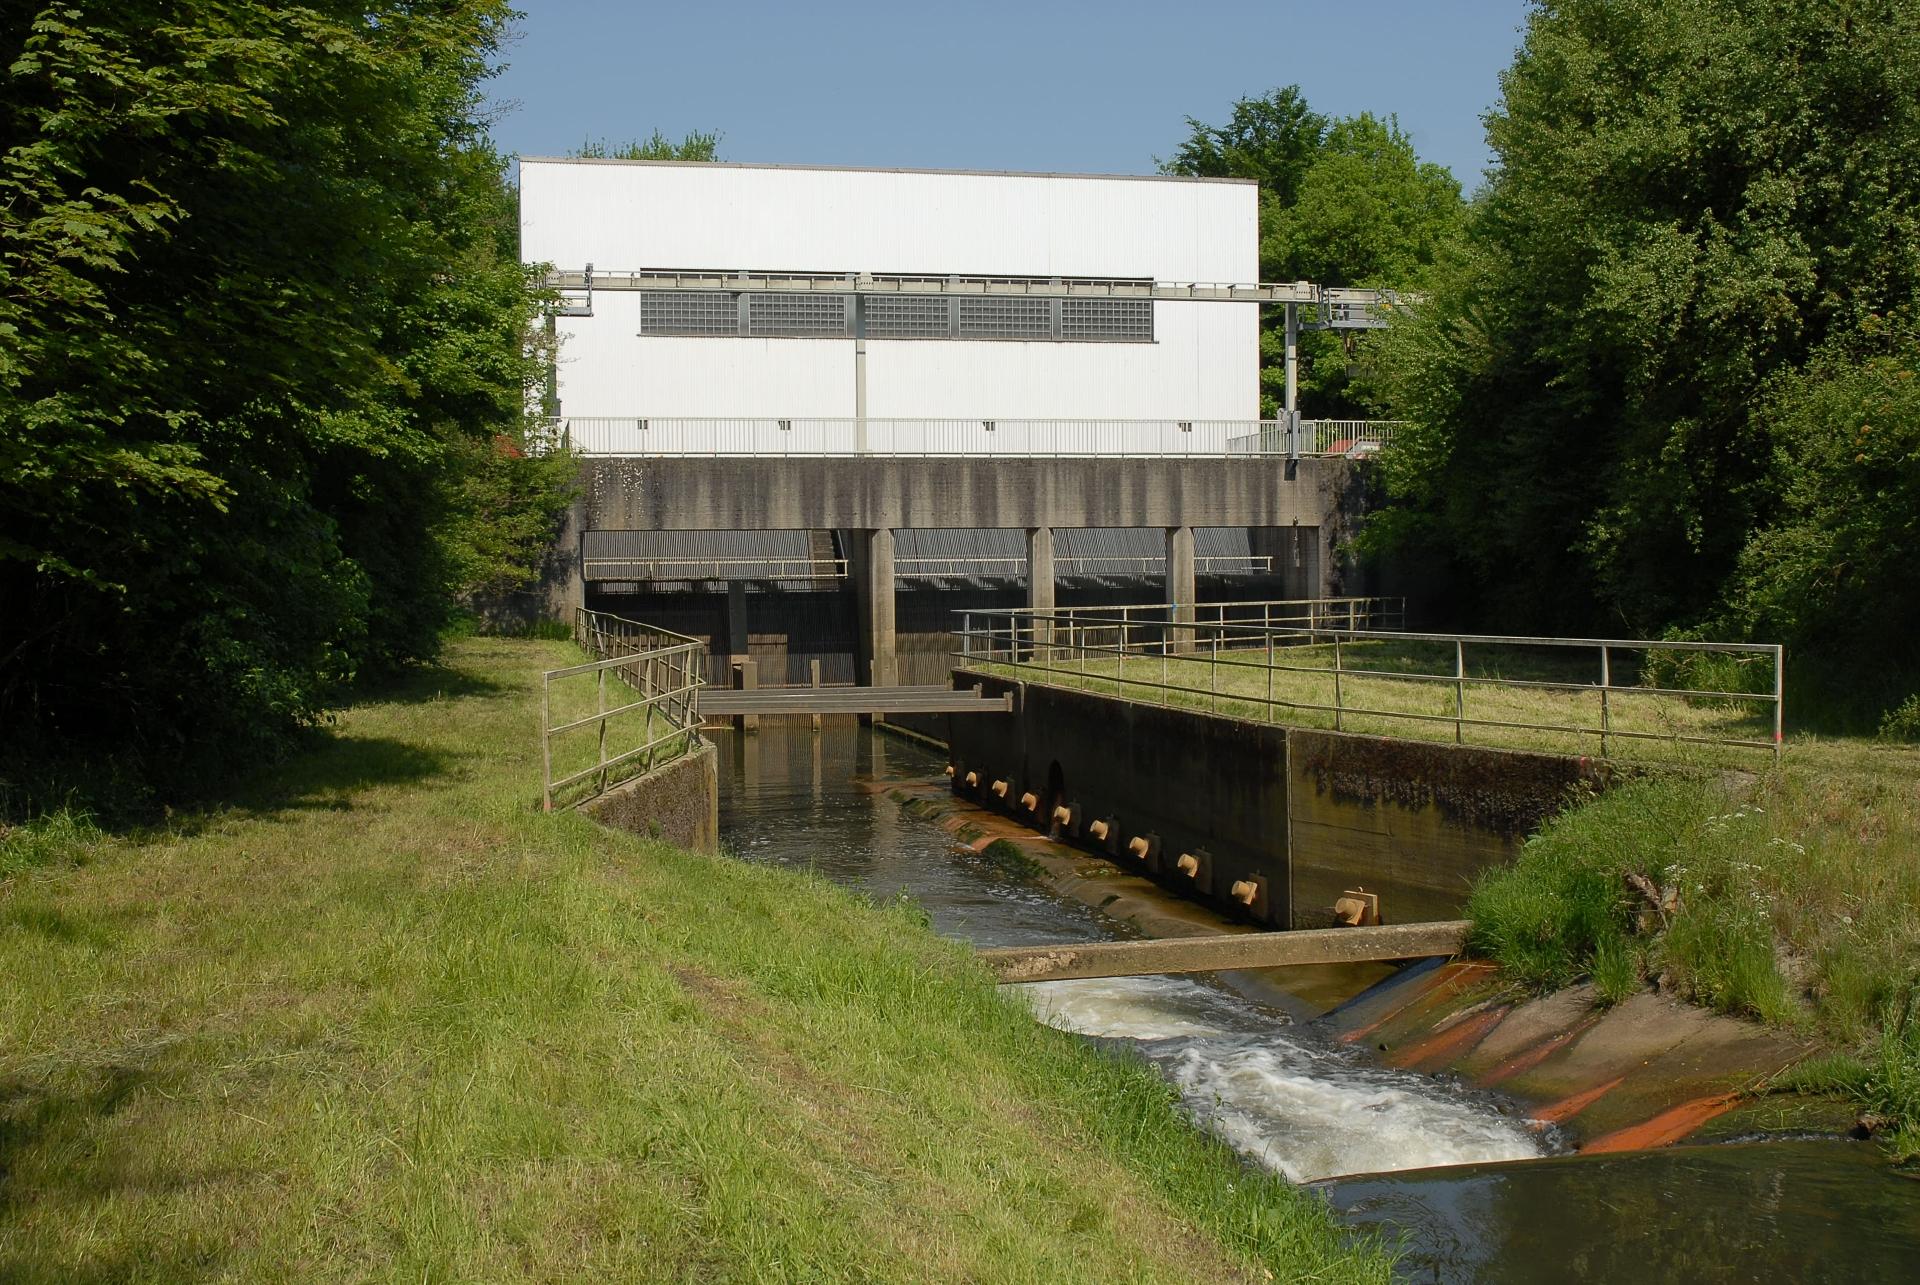 Am Sickingmühlenbach in Marl steht das leistungsstärkste Pumpwerk der Lippe-Region: Mit 3.840 Kilowatt installierter Leistung ist es so stark wie ein ICE-Triebwagen! Foto: Diethelm Wulfert/EGLV